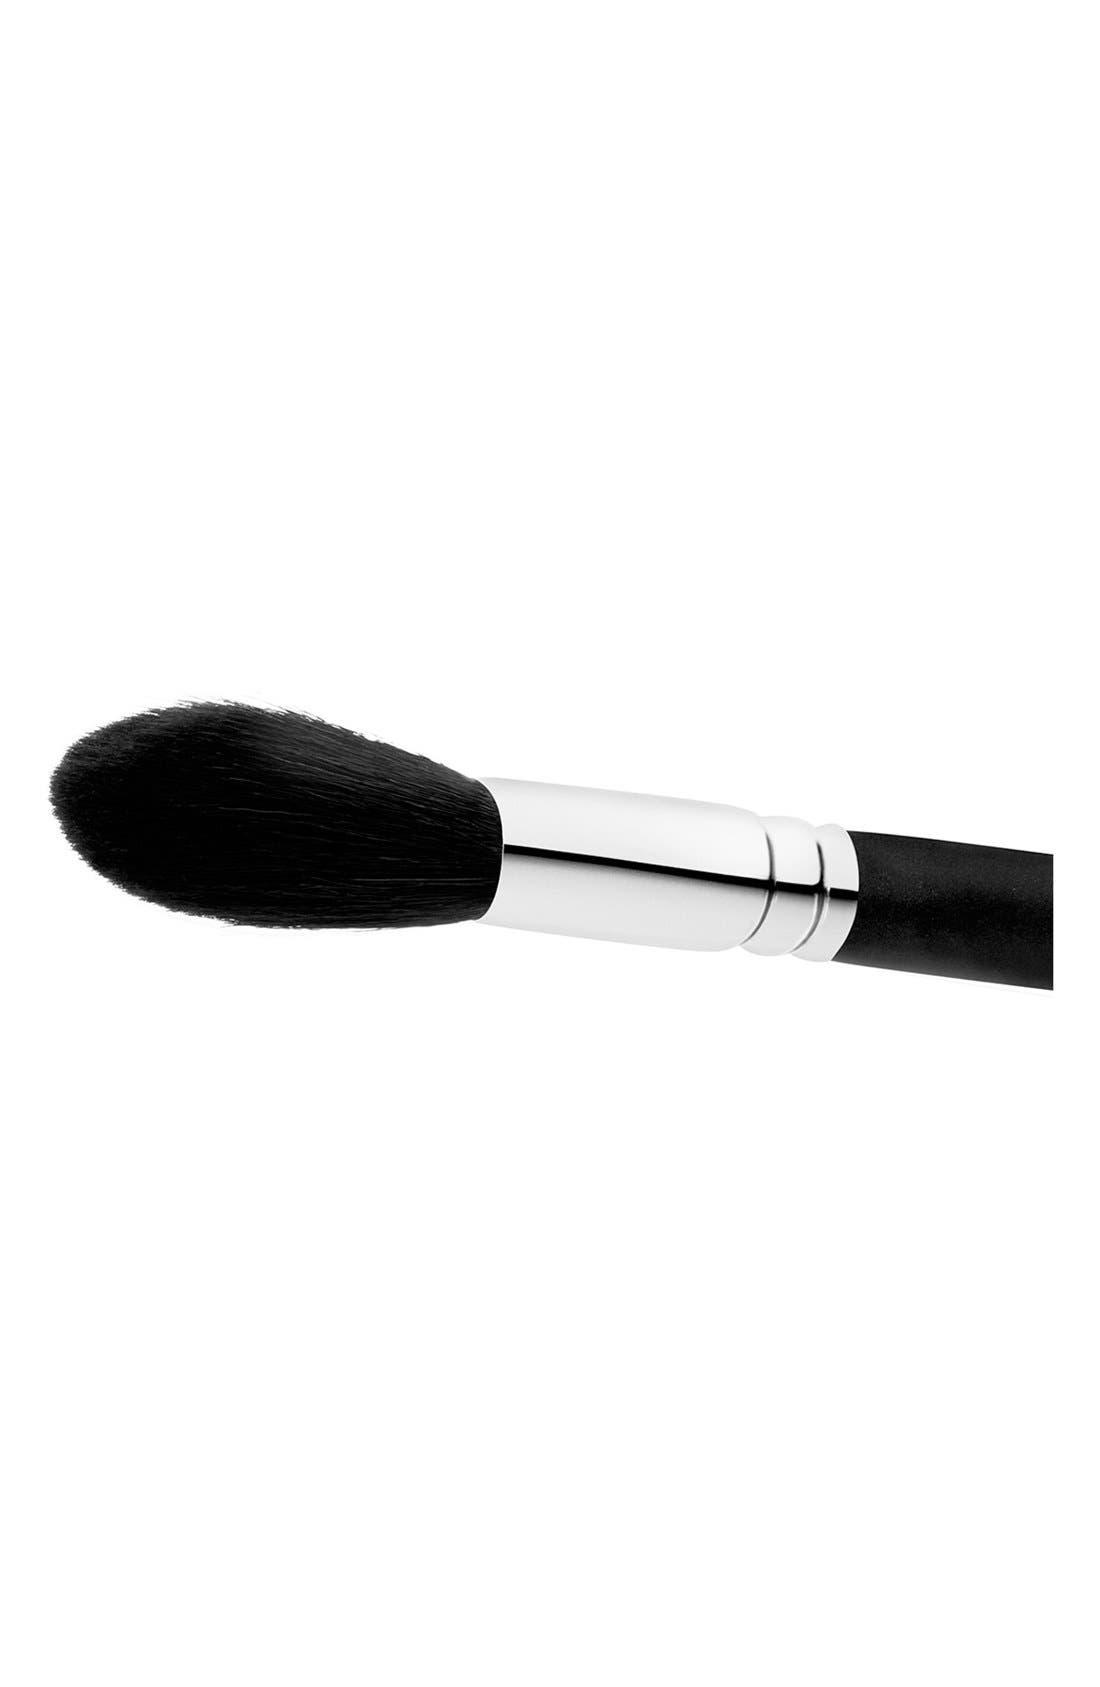 MAC 129SH Powder/Blush Brush,                             Alternate thumbnail 3, color,